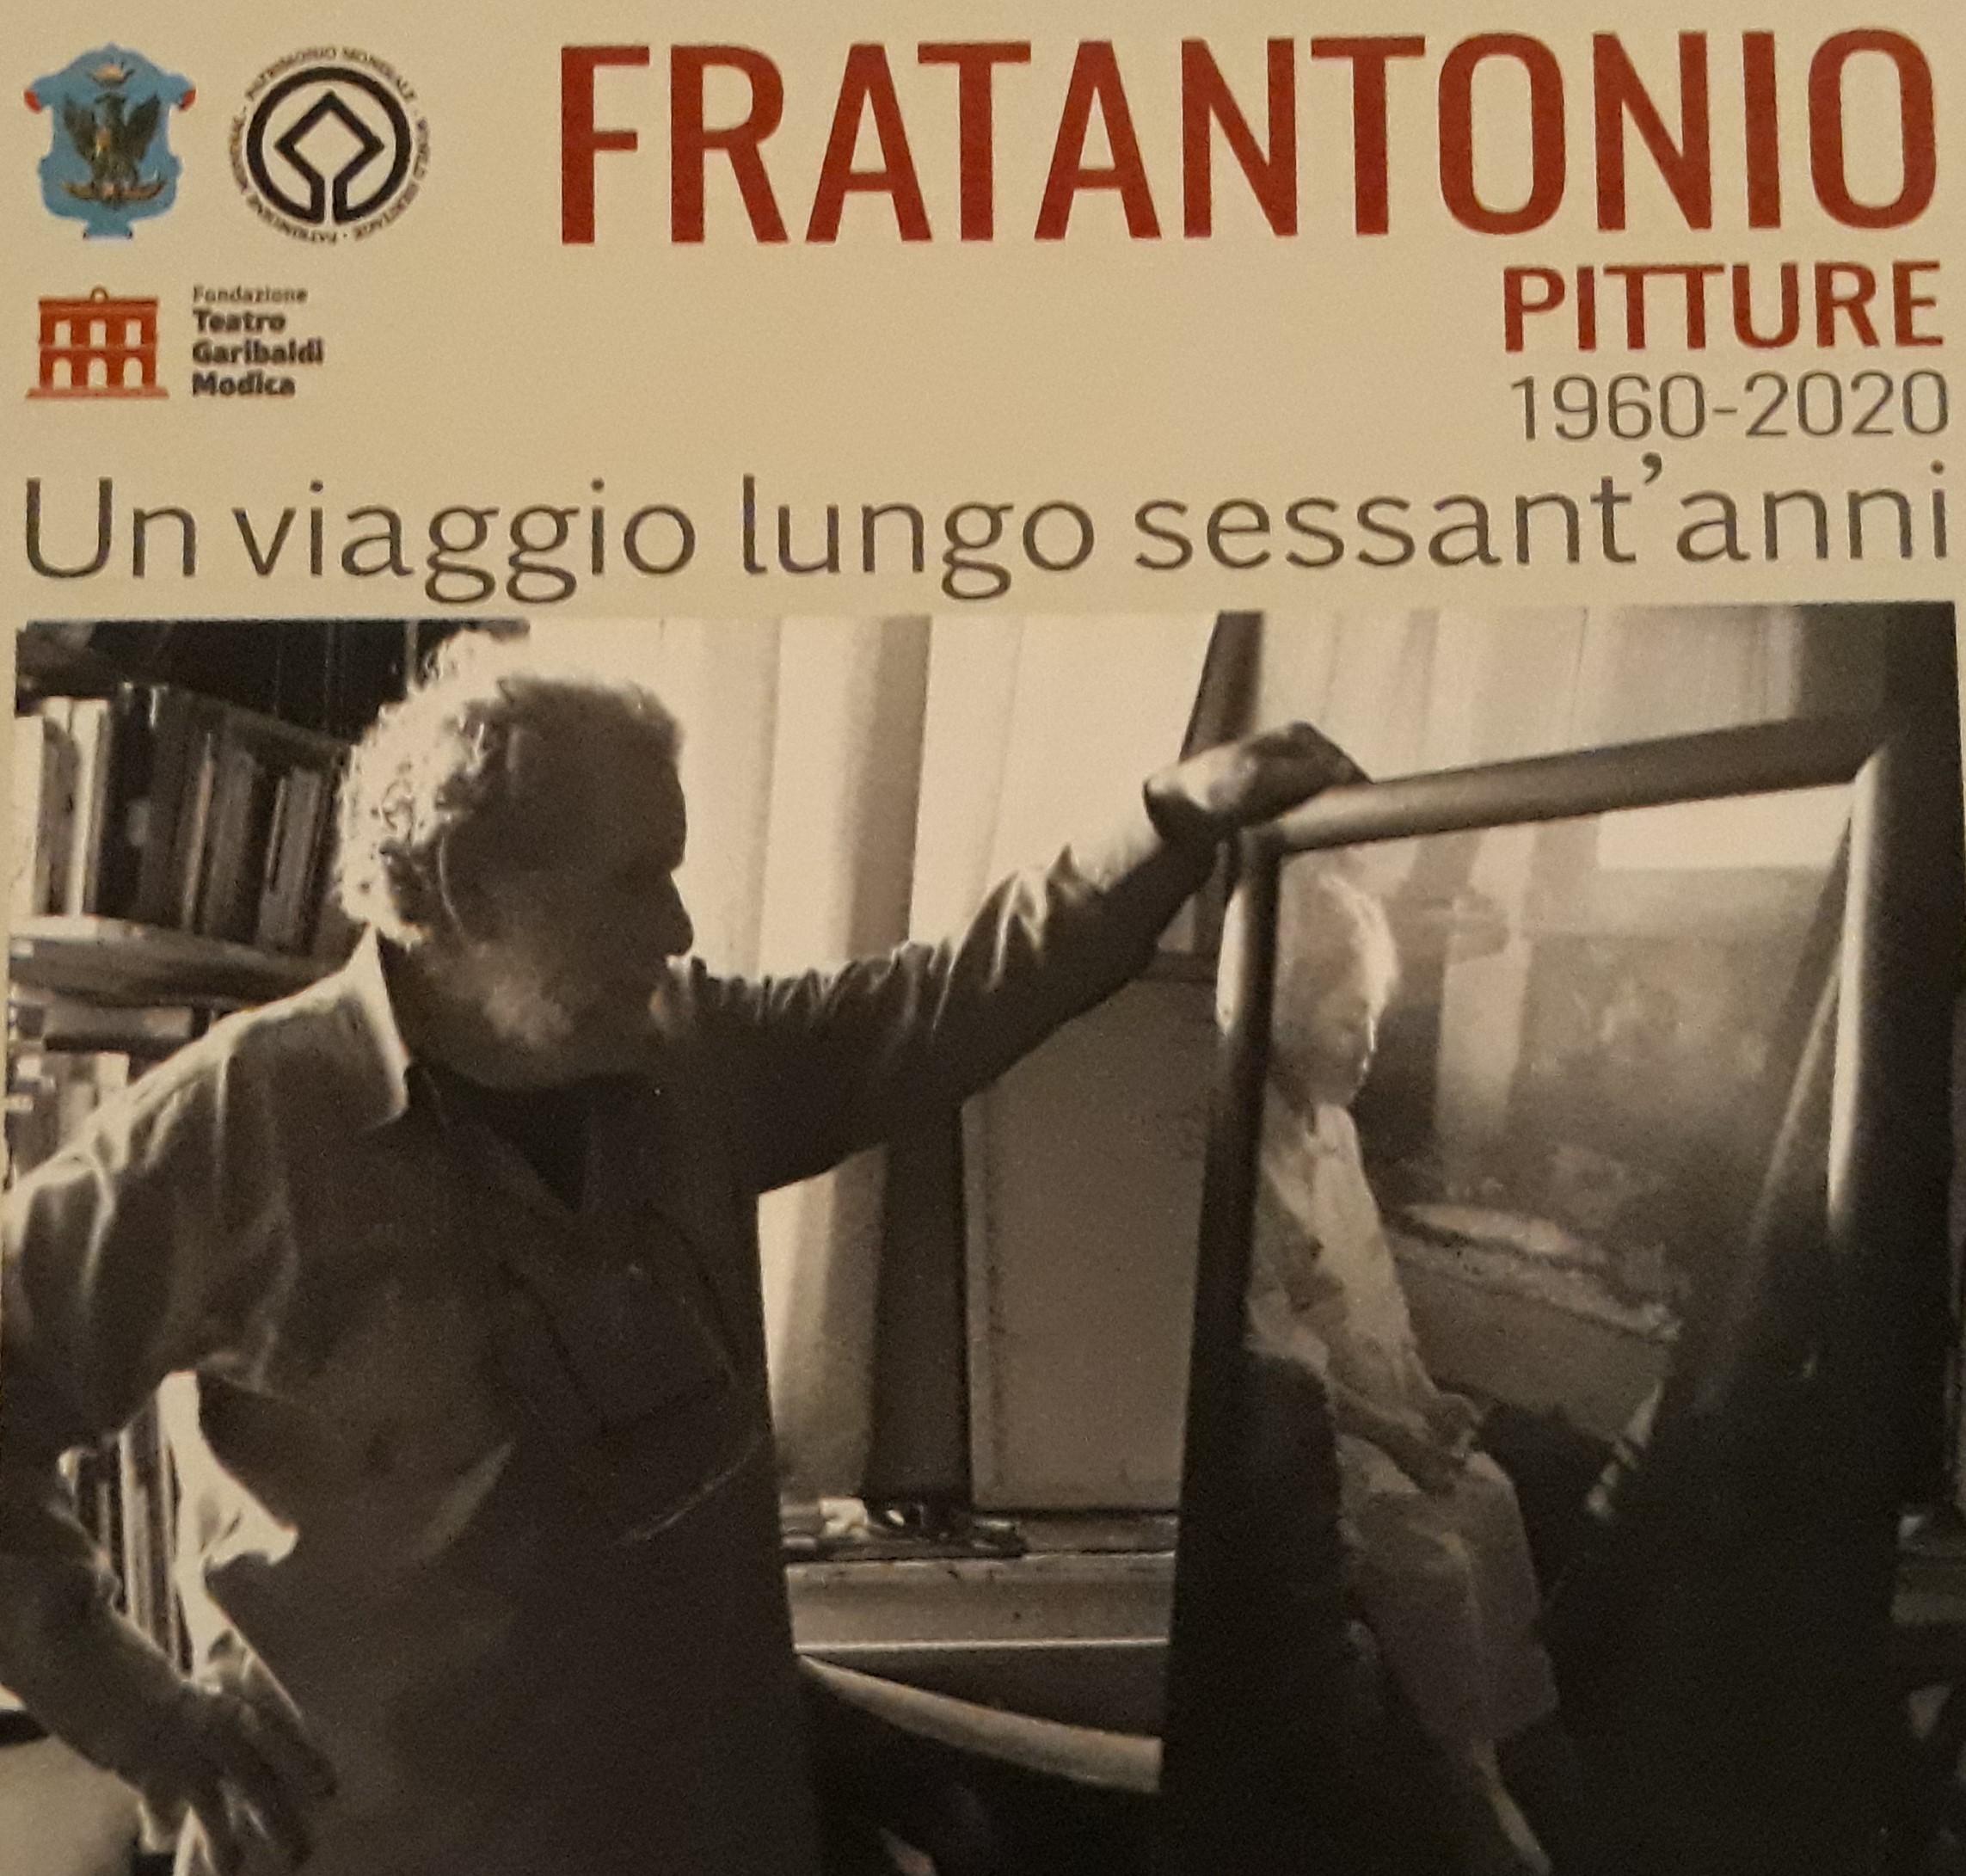 """Modica, """"Un viaggio lungo sessant'anni"""": mostra di Salvatore Fratantonio"""